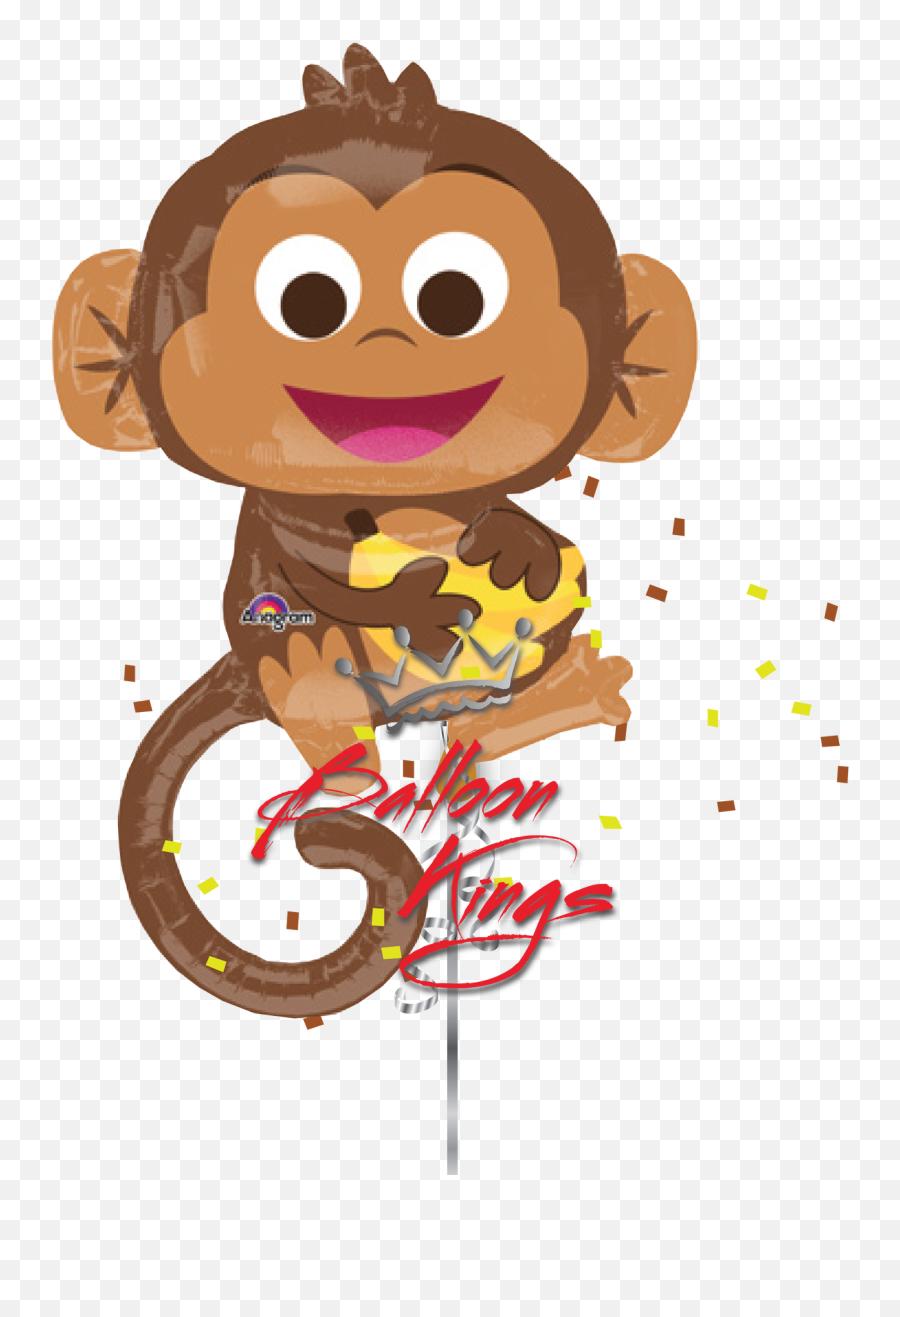 Happy Monkey Emoji,Monkey Emoji Facebook